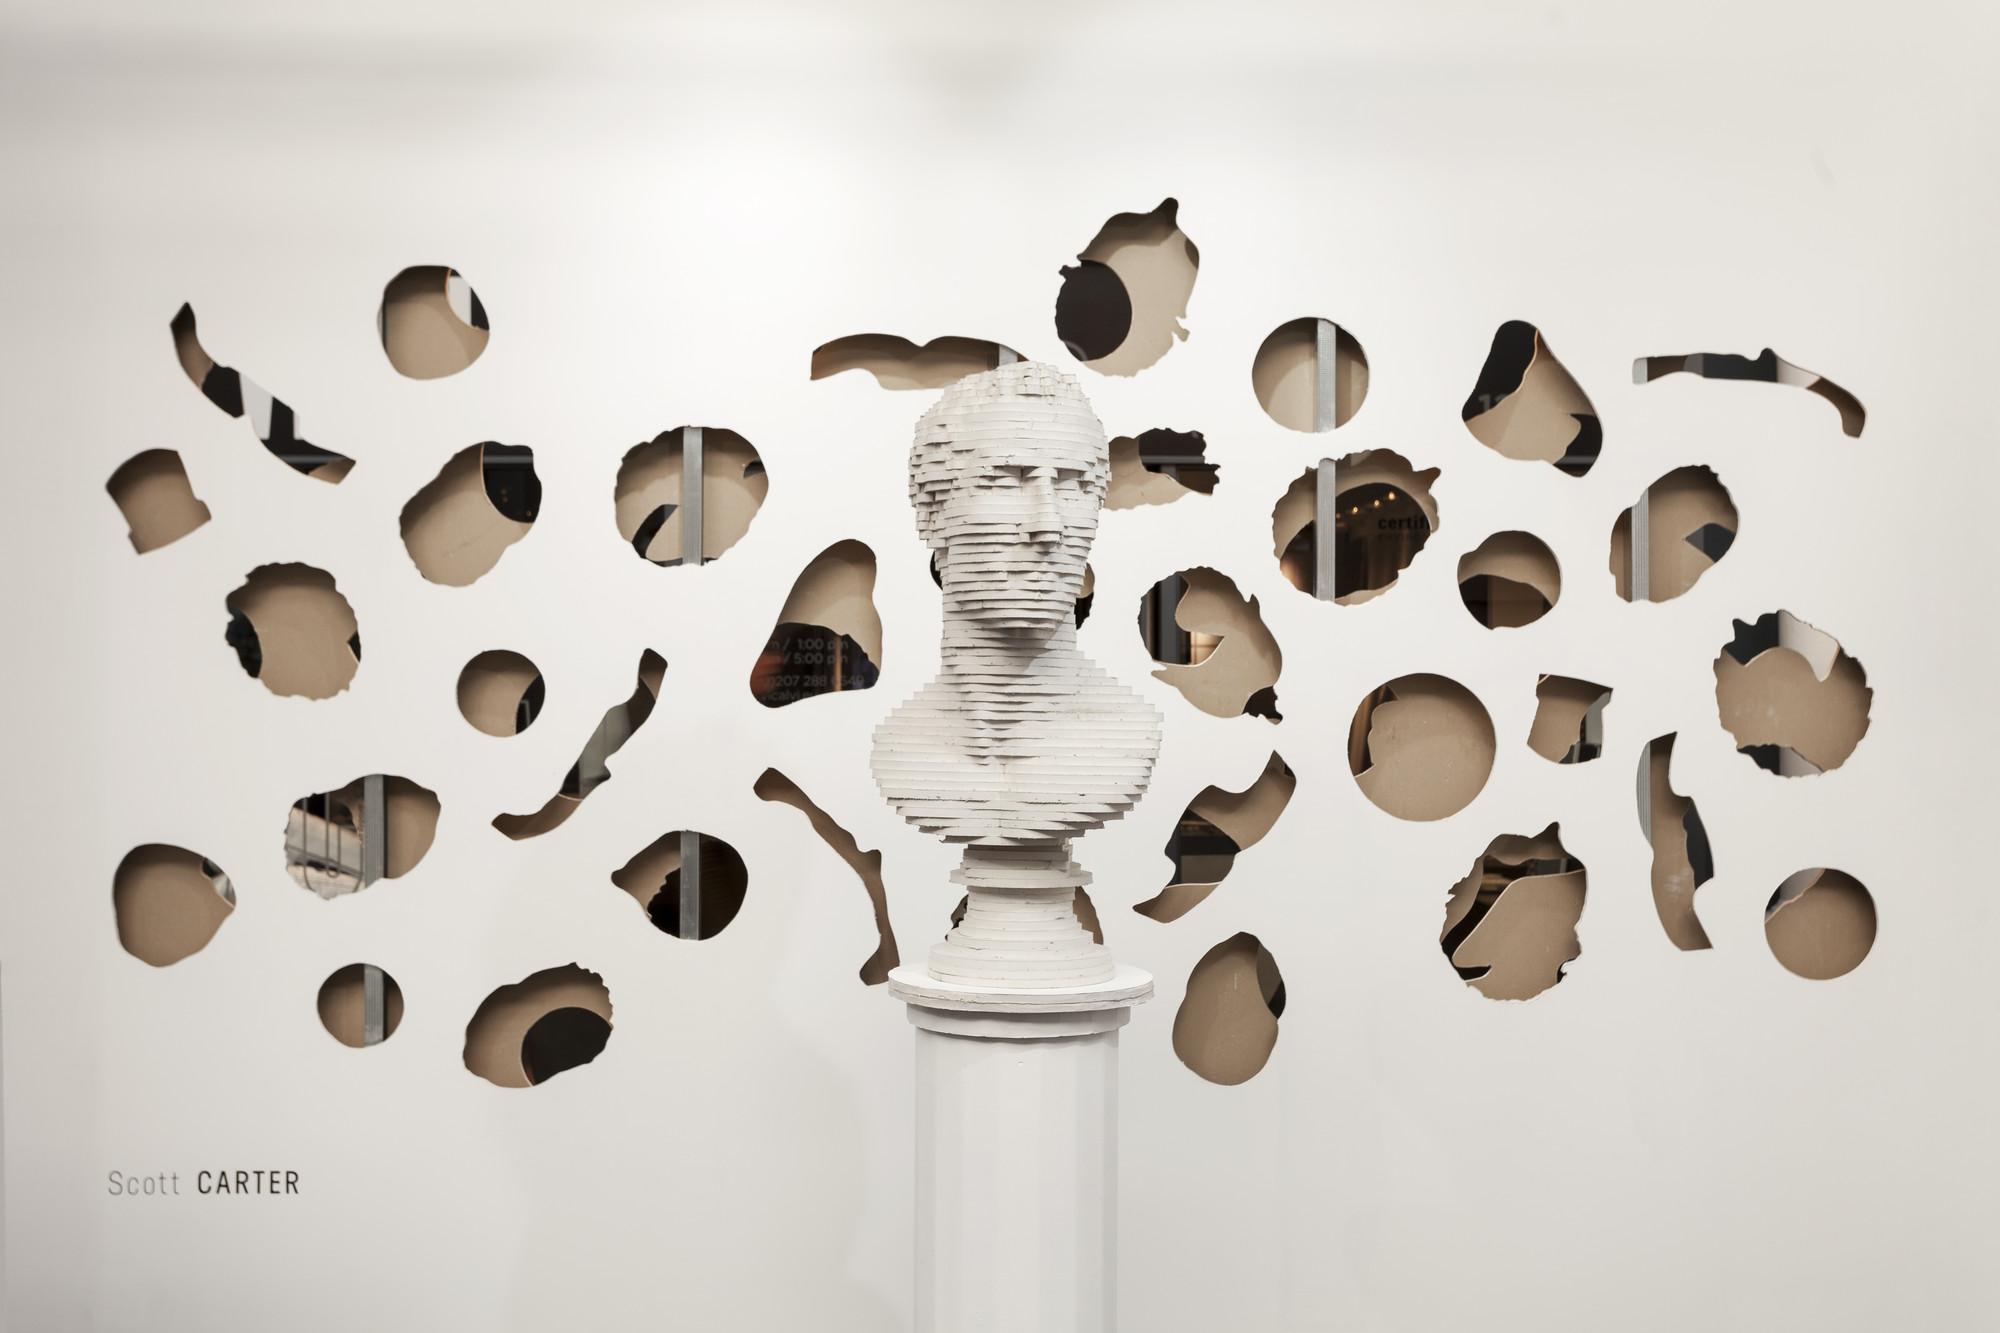 London Art Fair 2014. Image © Scott Carter